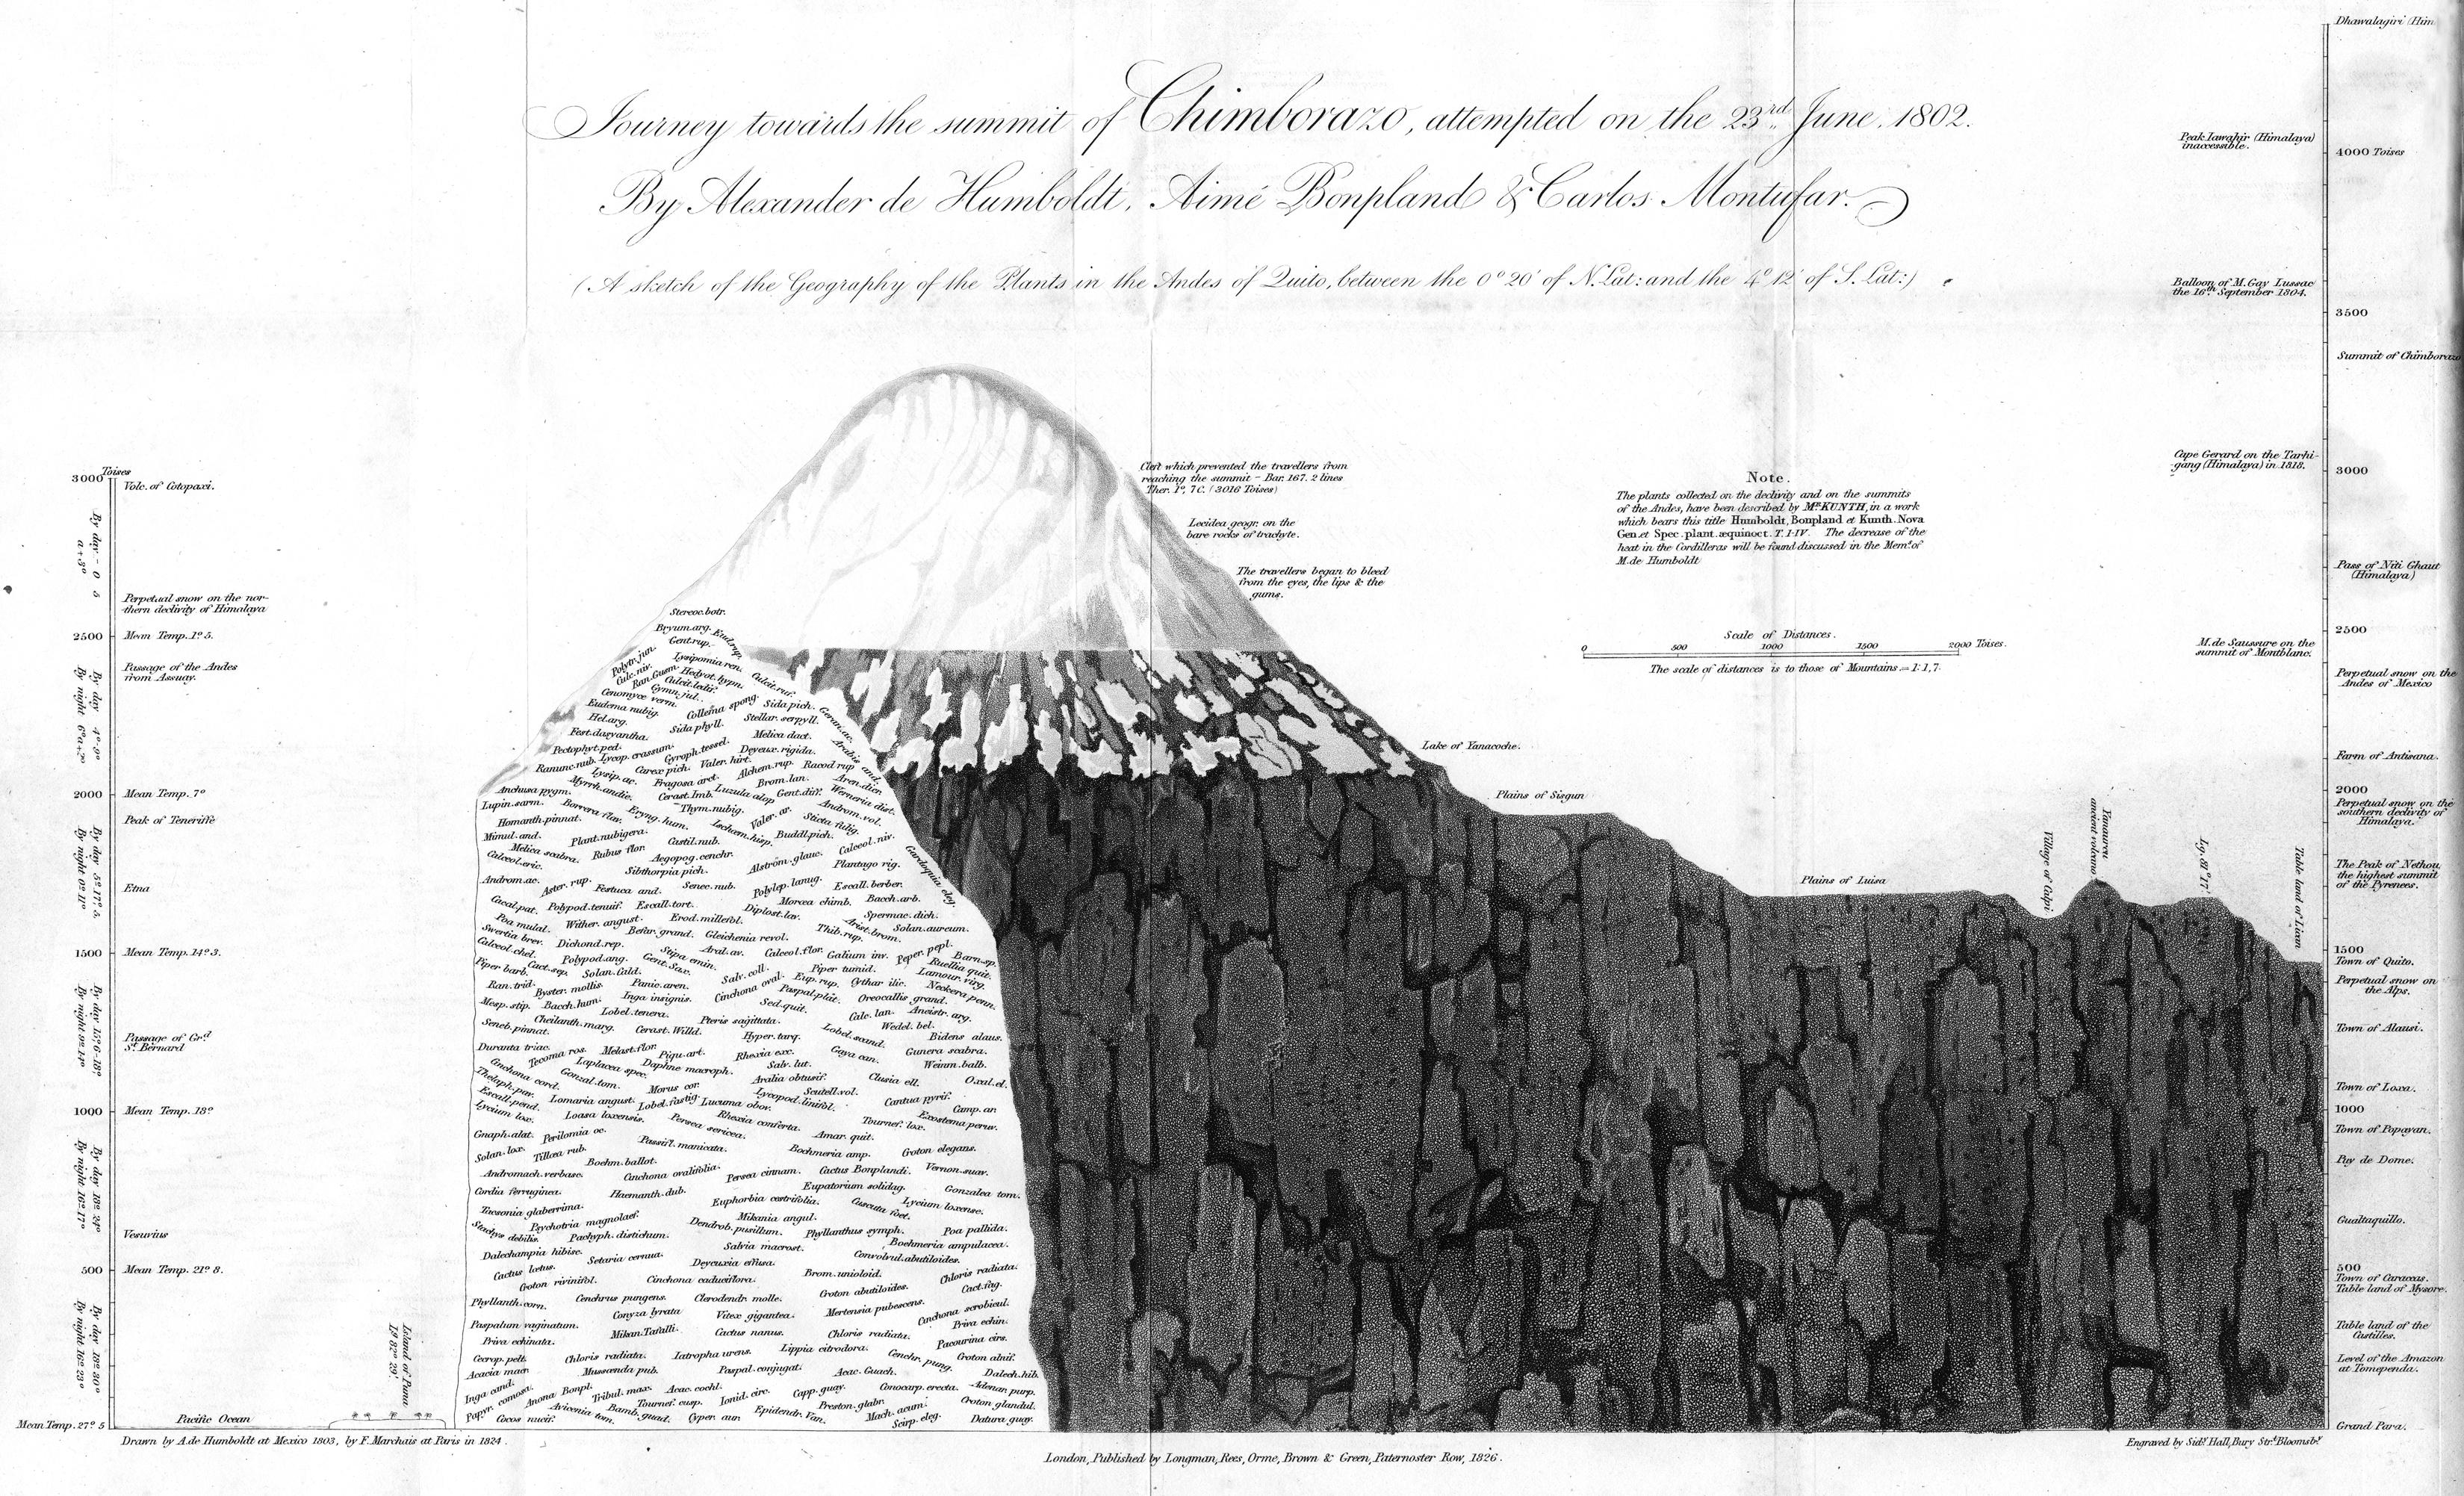 Alexander Von Humboldt Kohler Mand Wiring Diagram Hecho